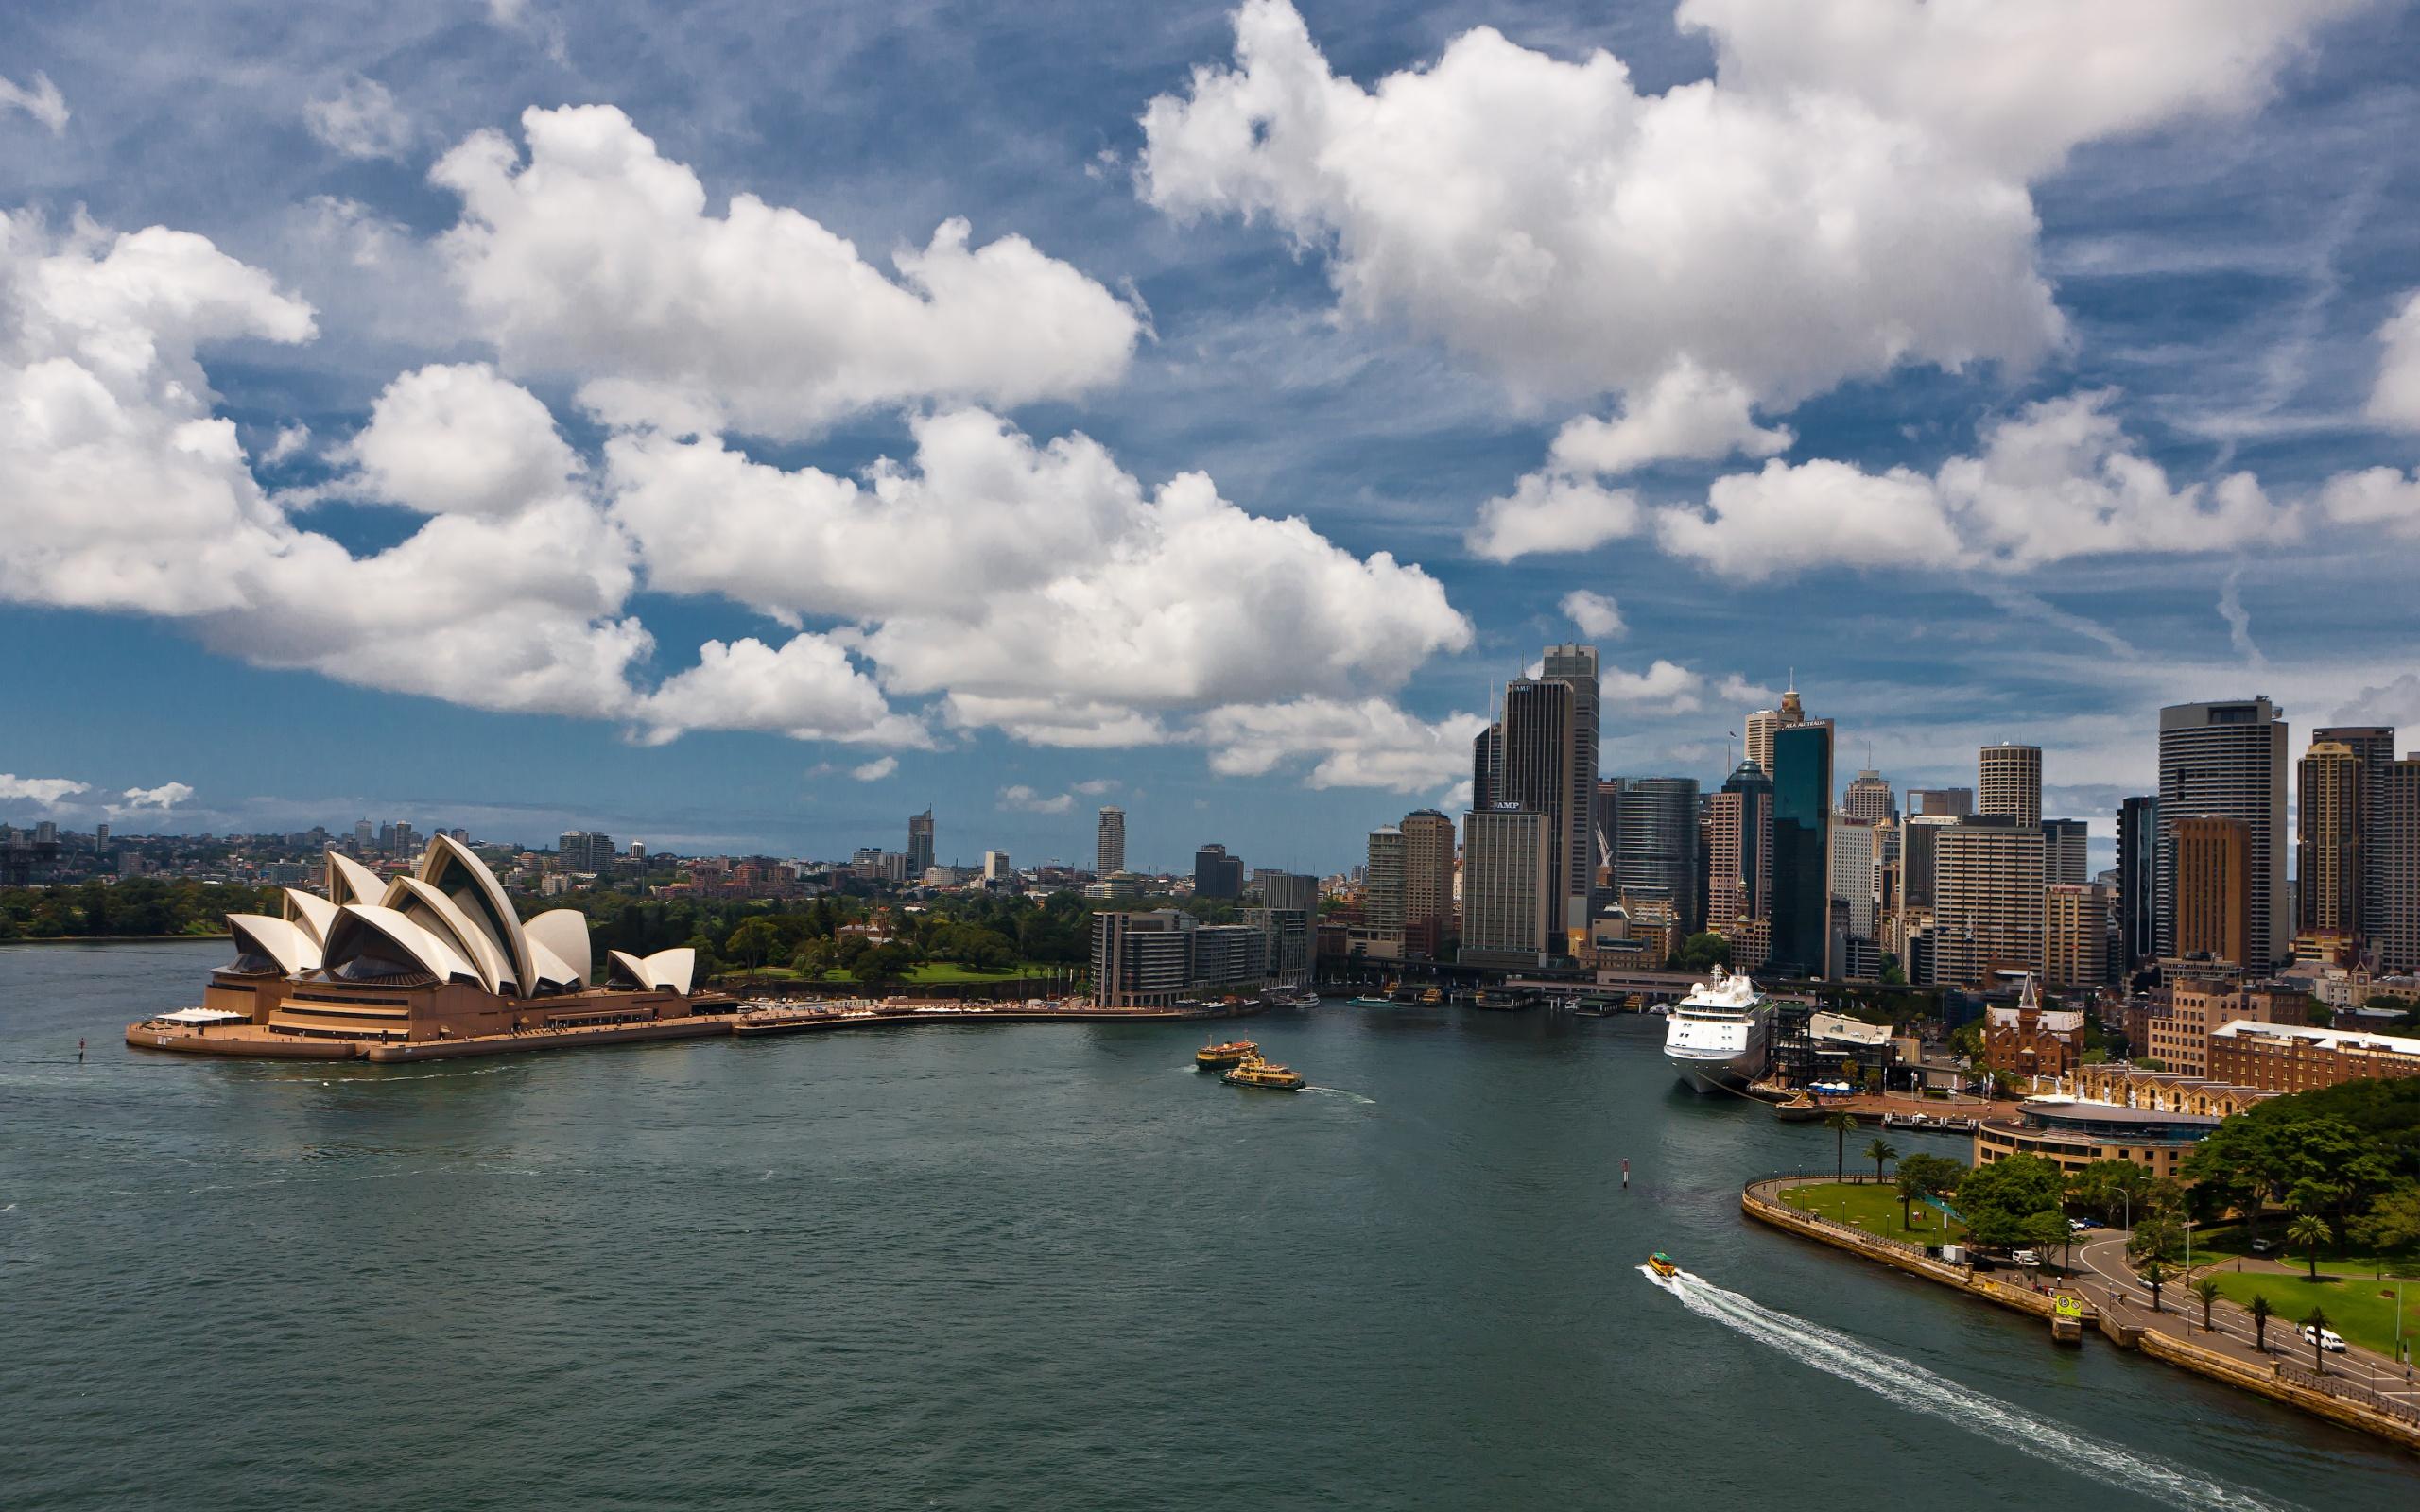 отель в Австралии  № 588712 без смс